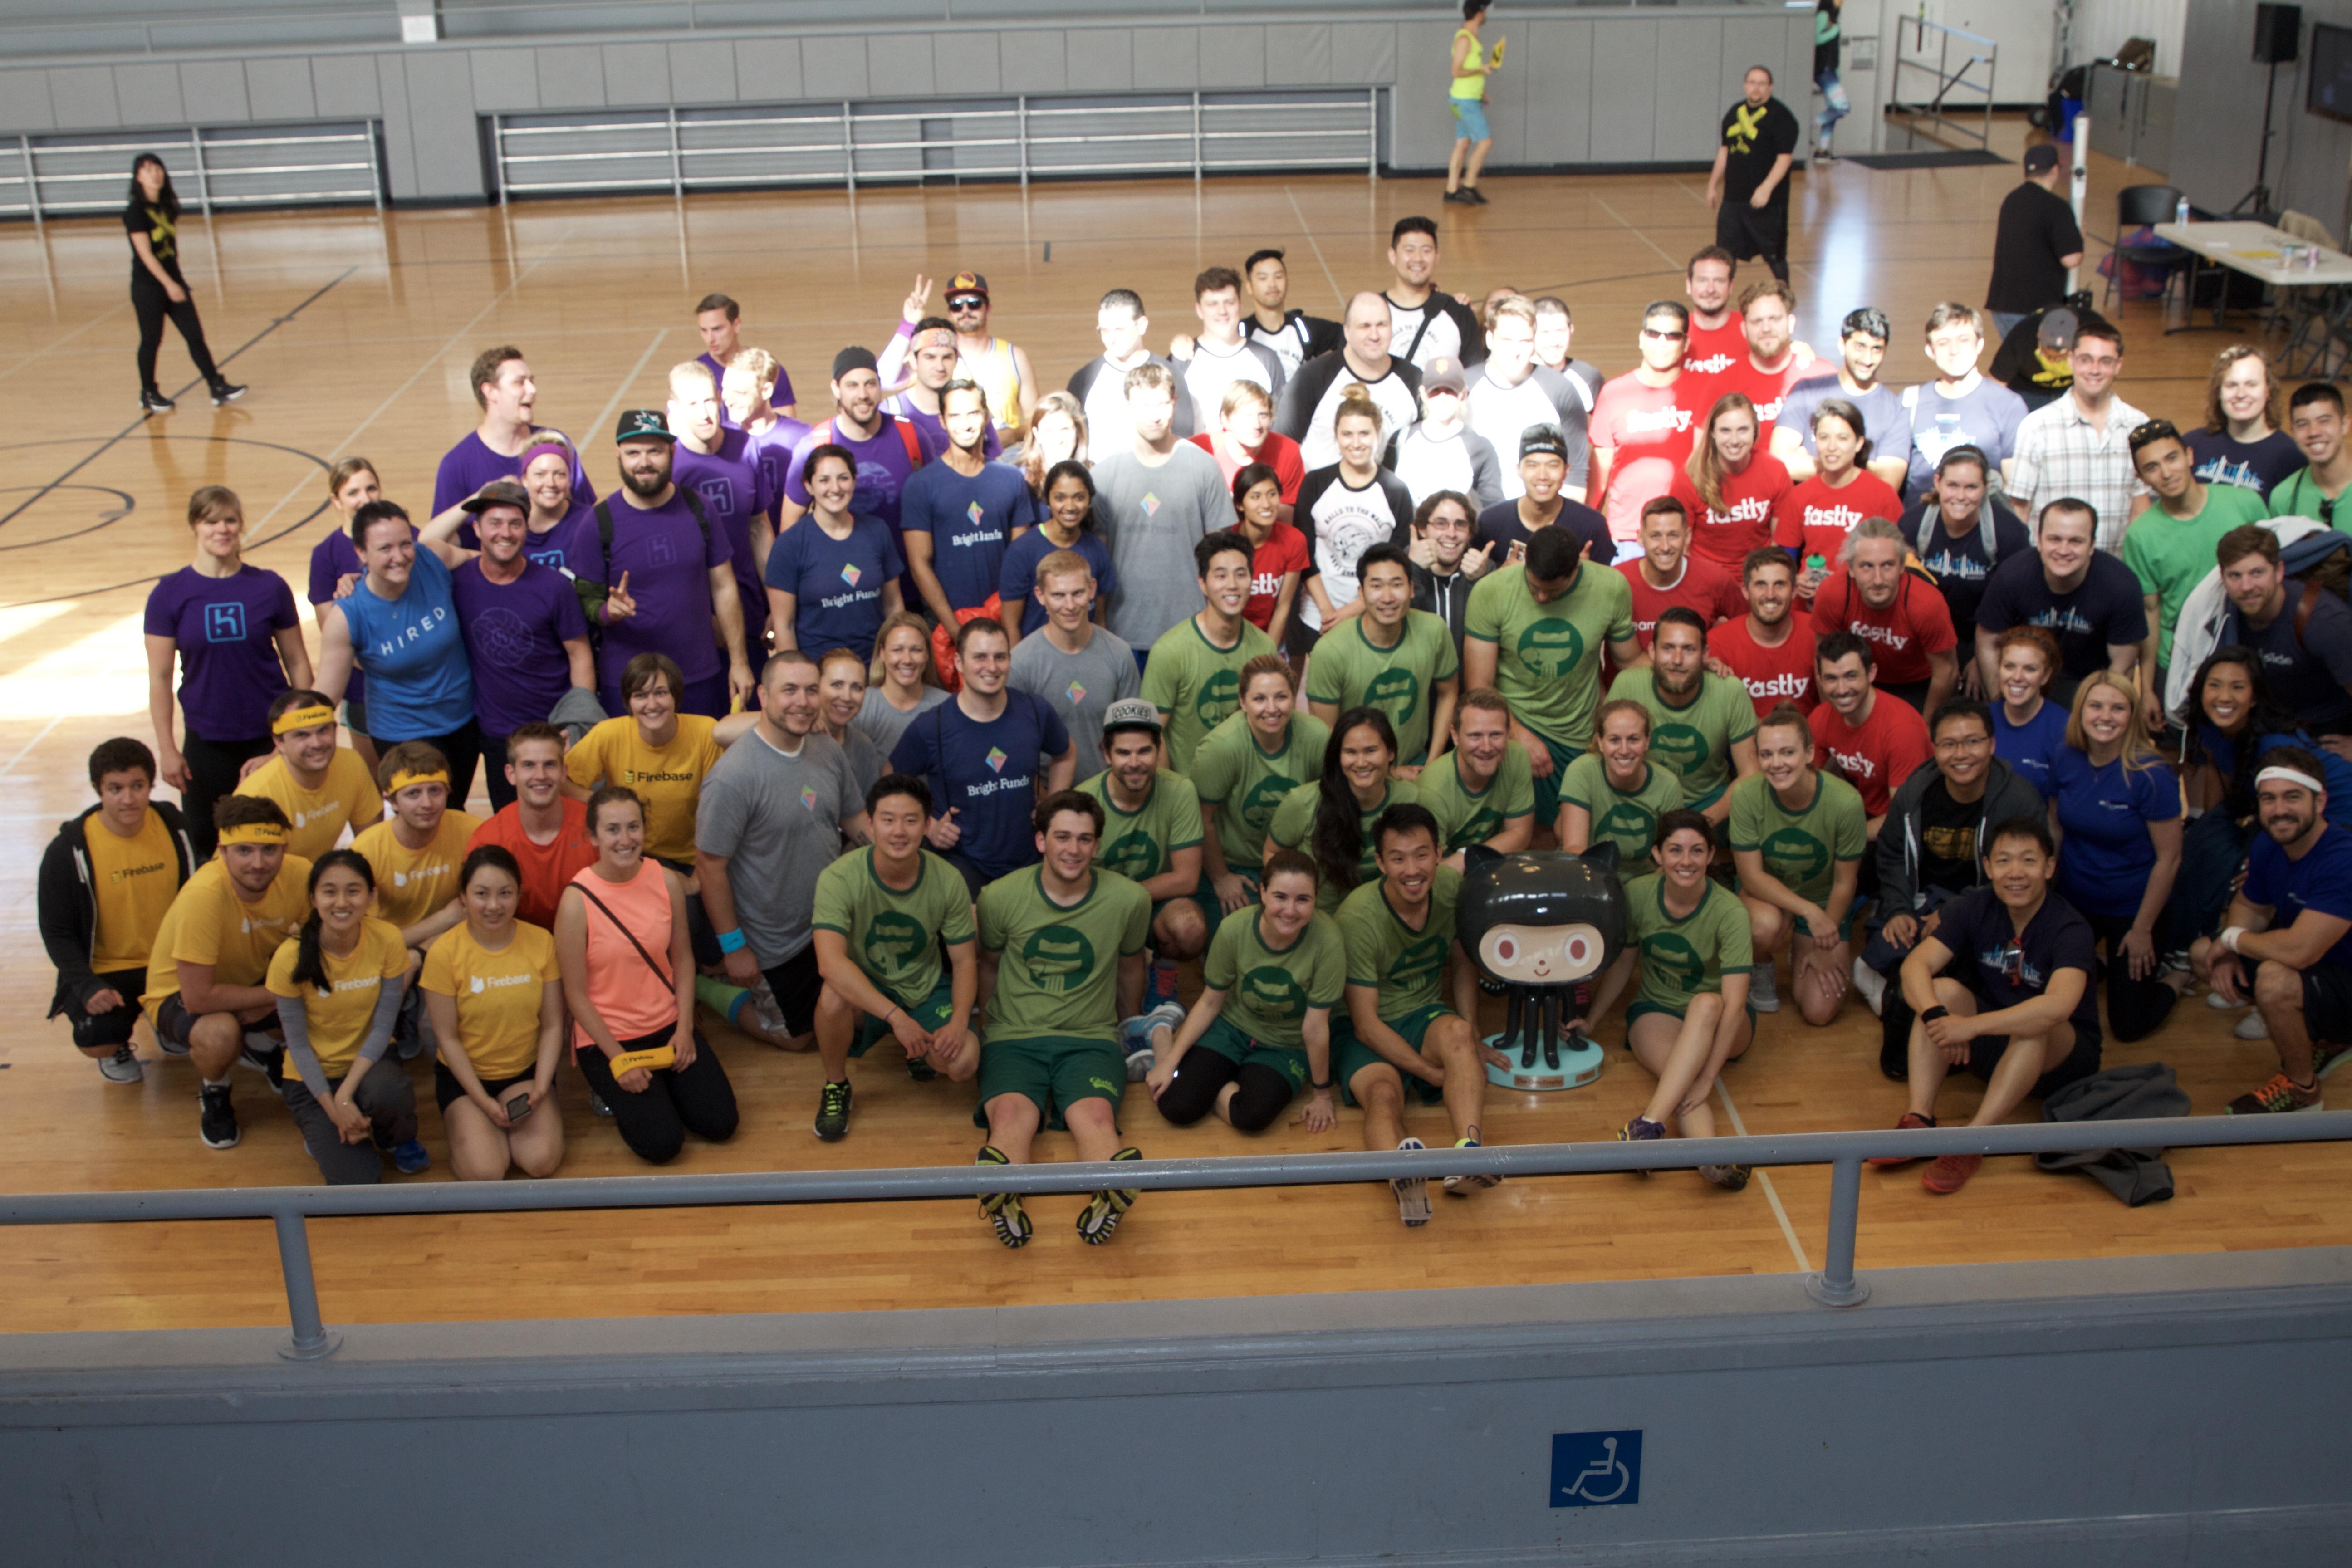 2016 dodgeball participants